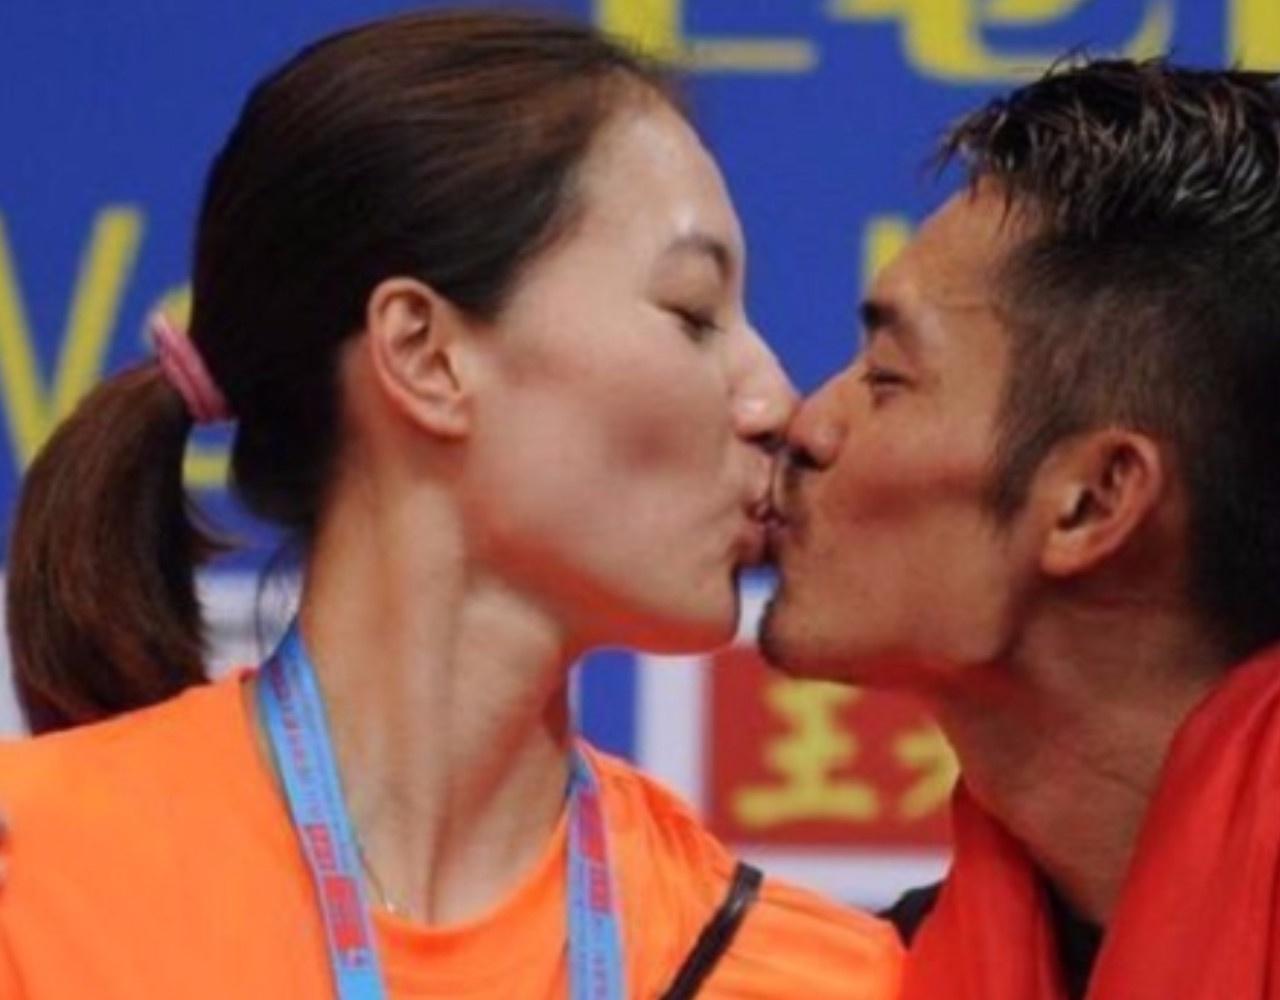 奥运冠军林丹出轨内幕全程曝光,火遍全国!